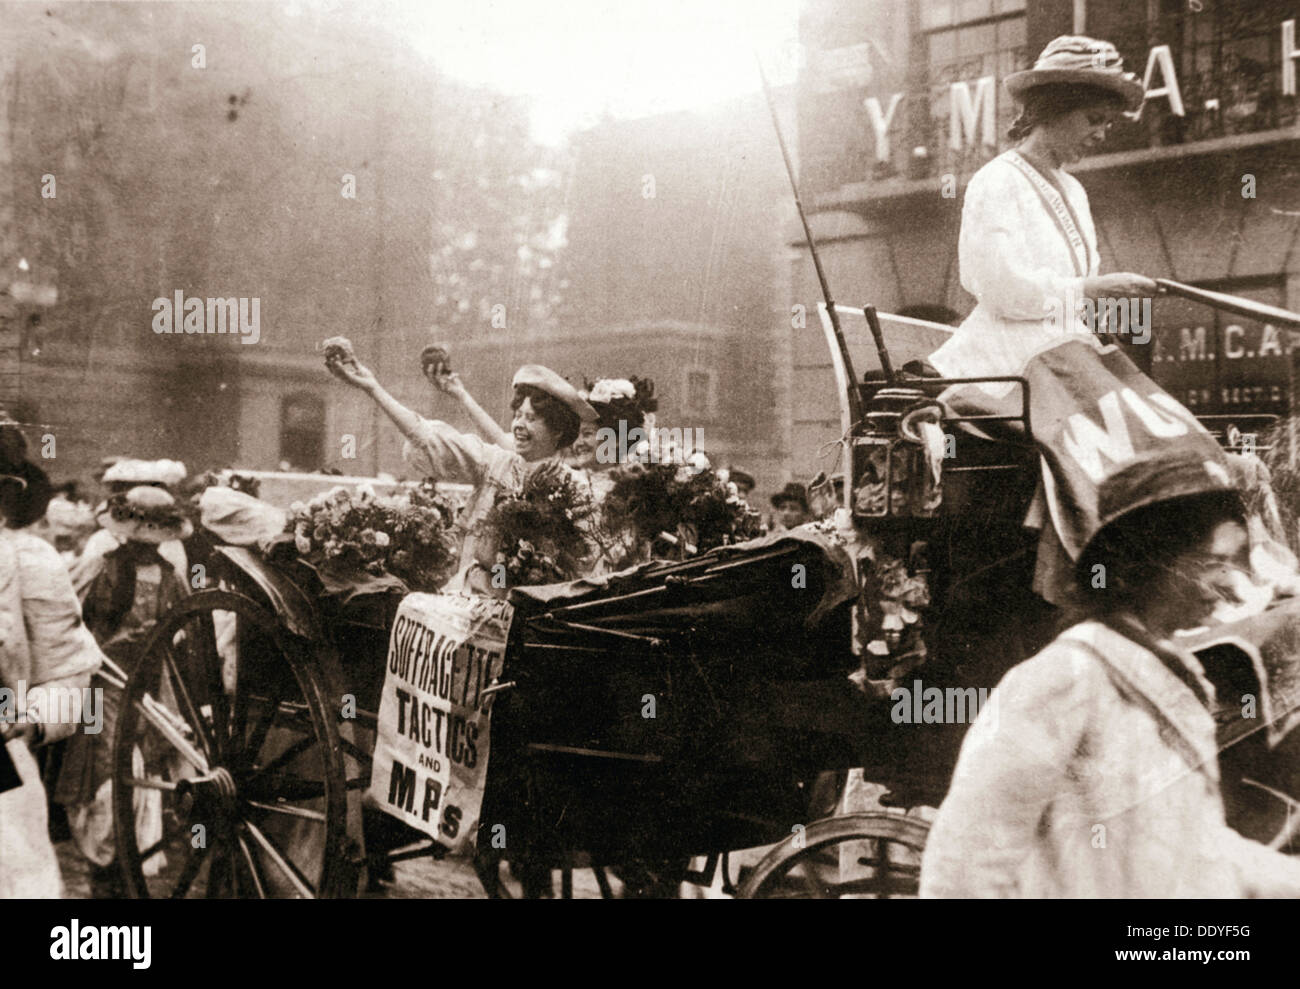 Dos suffragettes celebrando su liberación de la cárcel de Holloway, Londres, el 22 de agosto de 1908. Artista: Desconocido Imagen De Stock